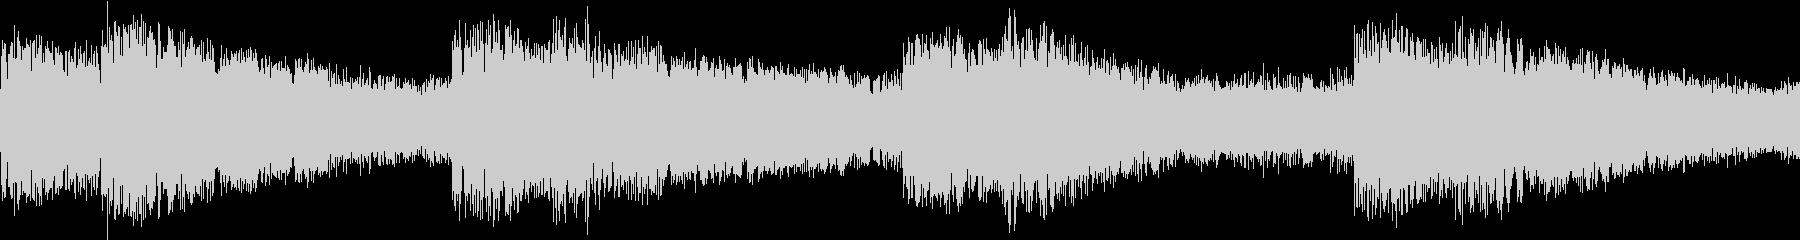 シンセ サイレン アナログ ピコピコ02の未再生の波形